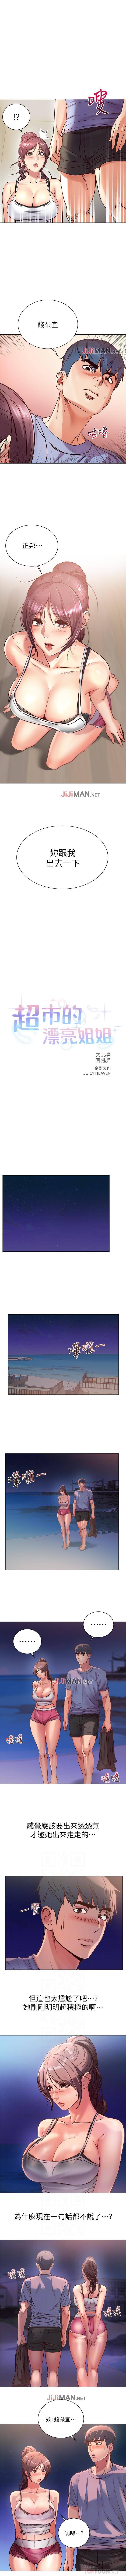 【周三连载】超市的漂亮姐姐(作者:北鼻&逃兵) 第1~40话 185